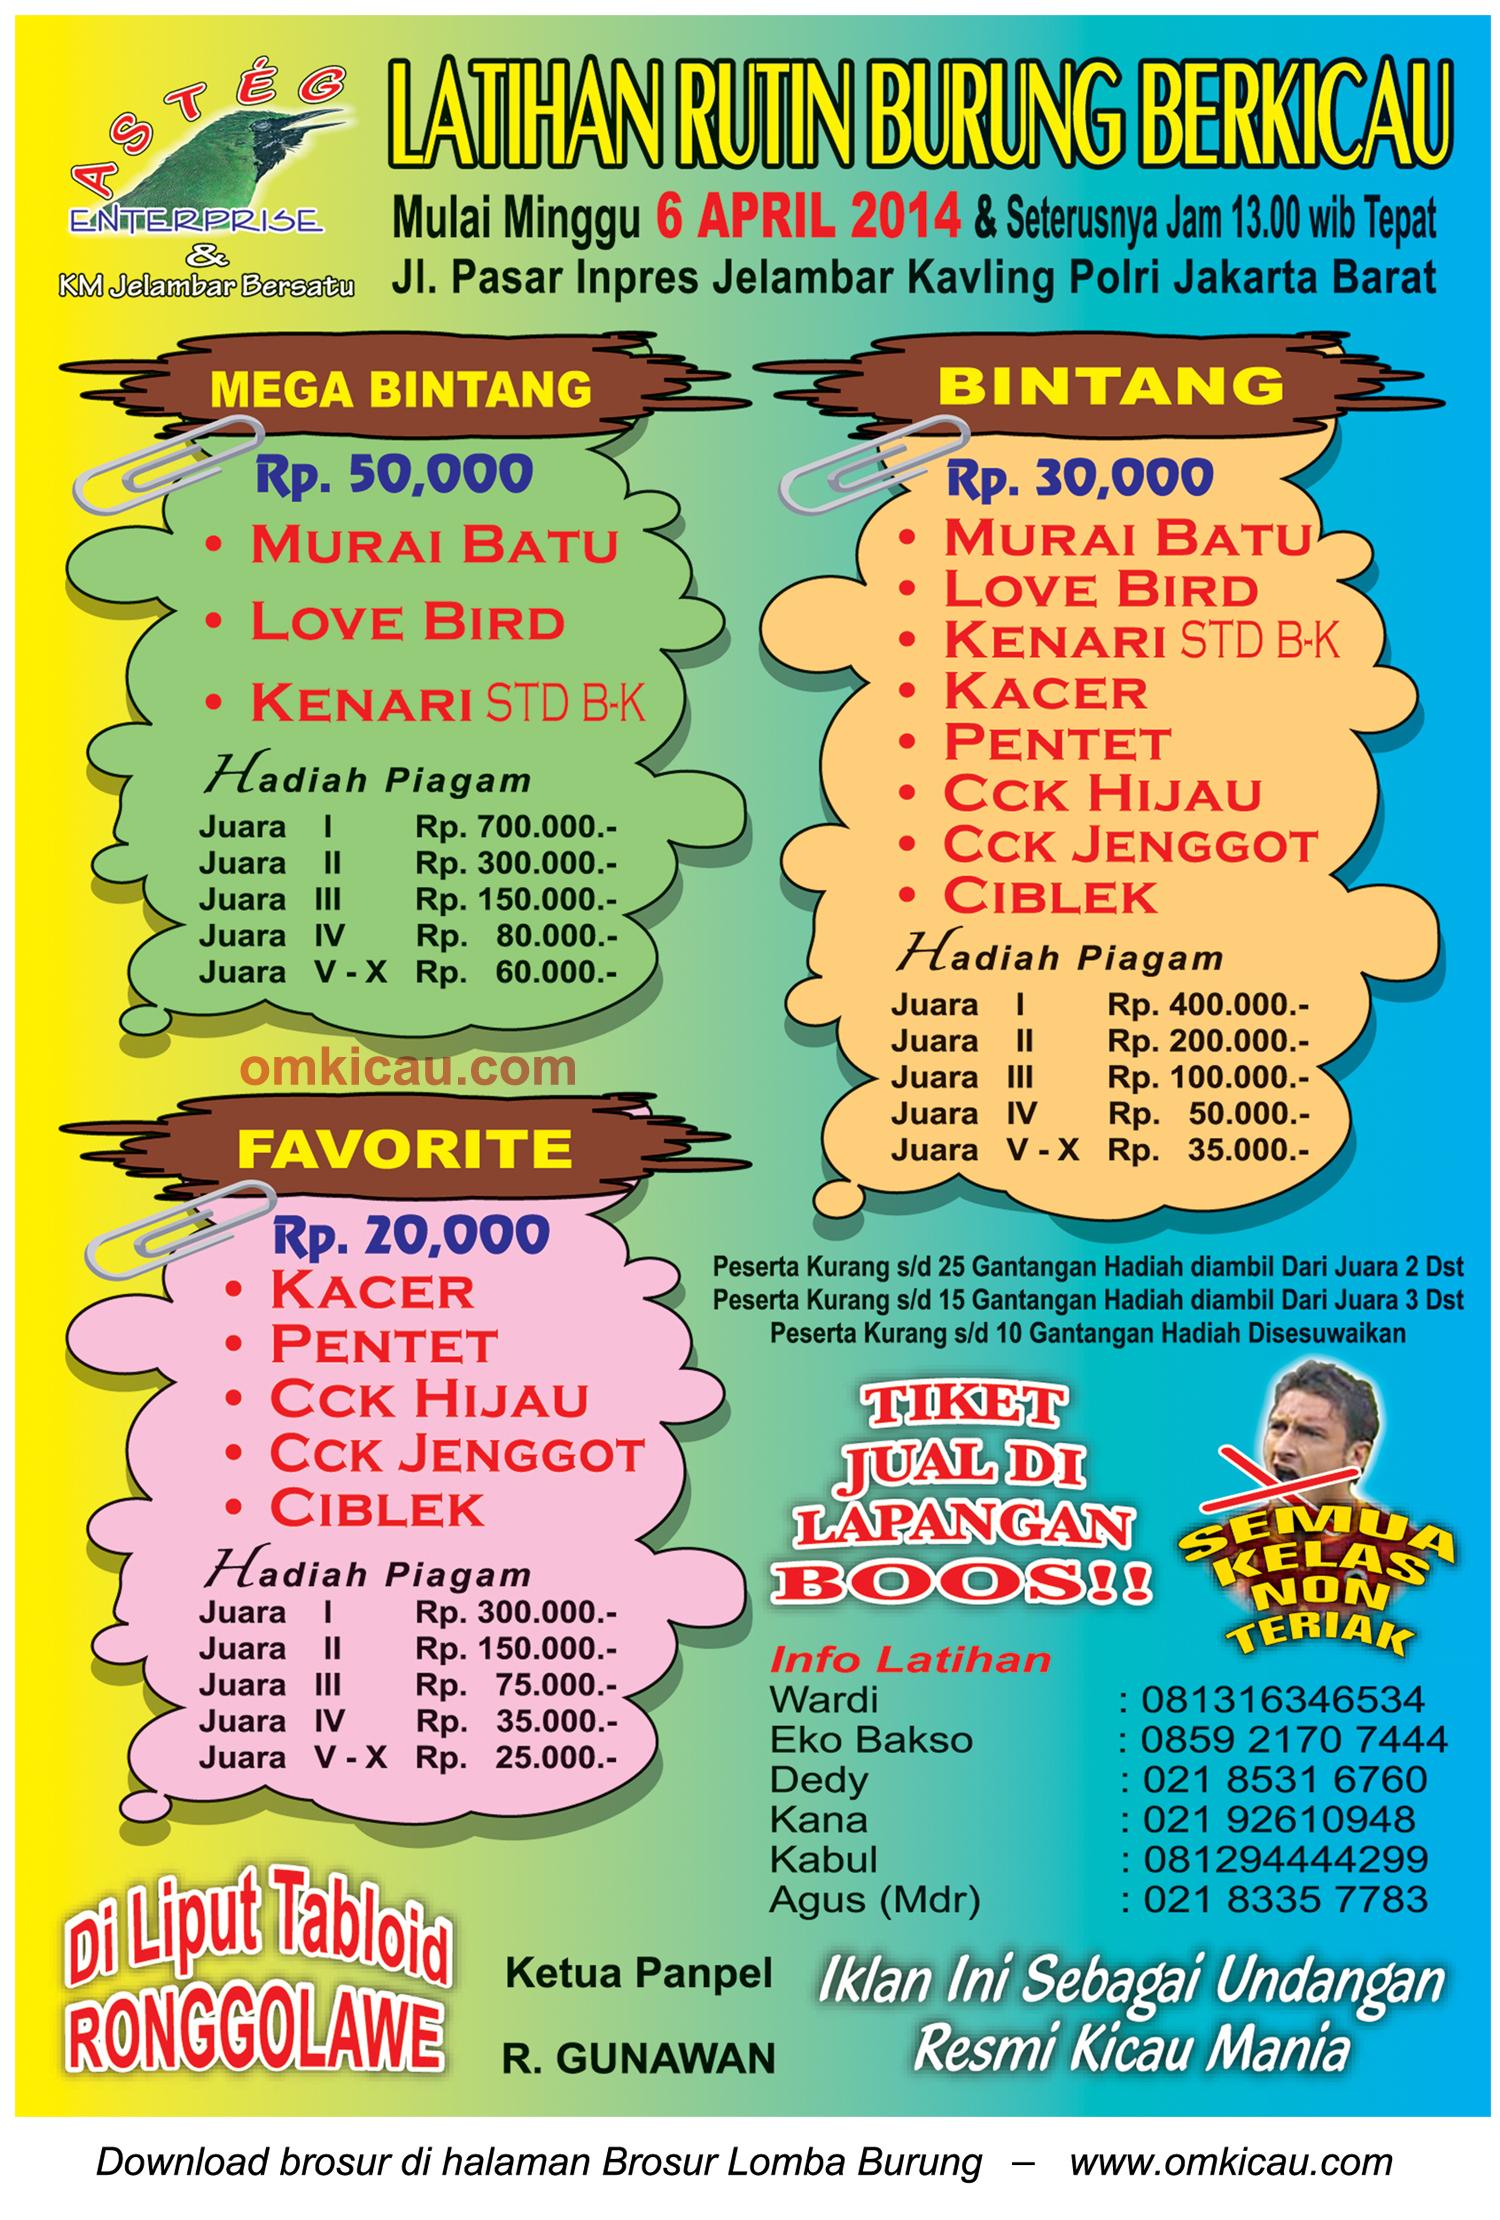 Brosur Latihan Rutin Burung Berkicau Asteg Ceria, Jakarta Barat, 6 April 2014